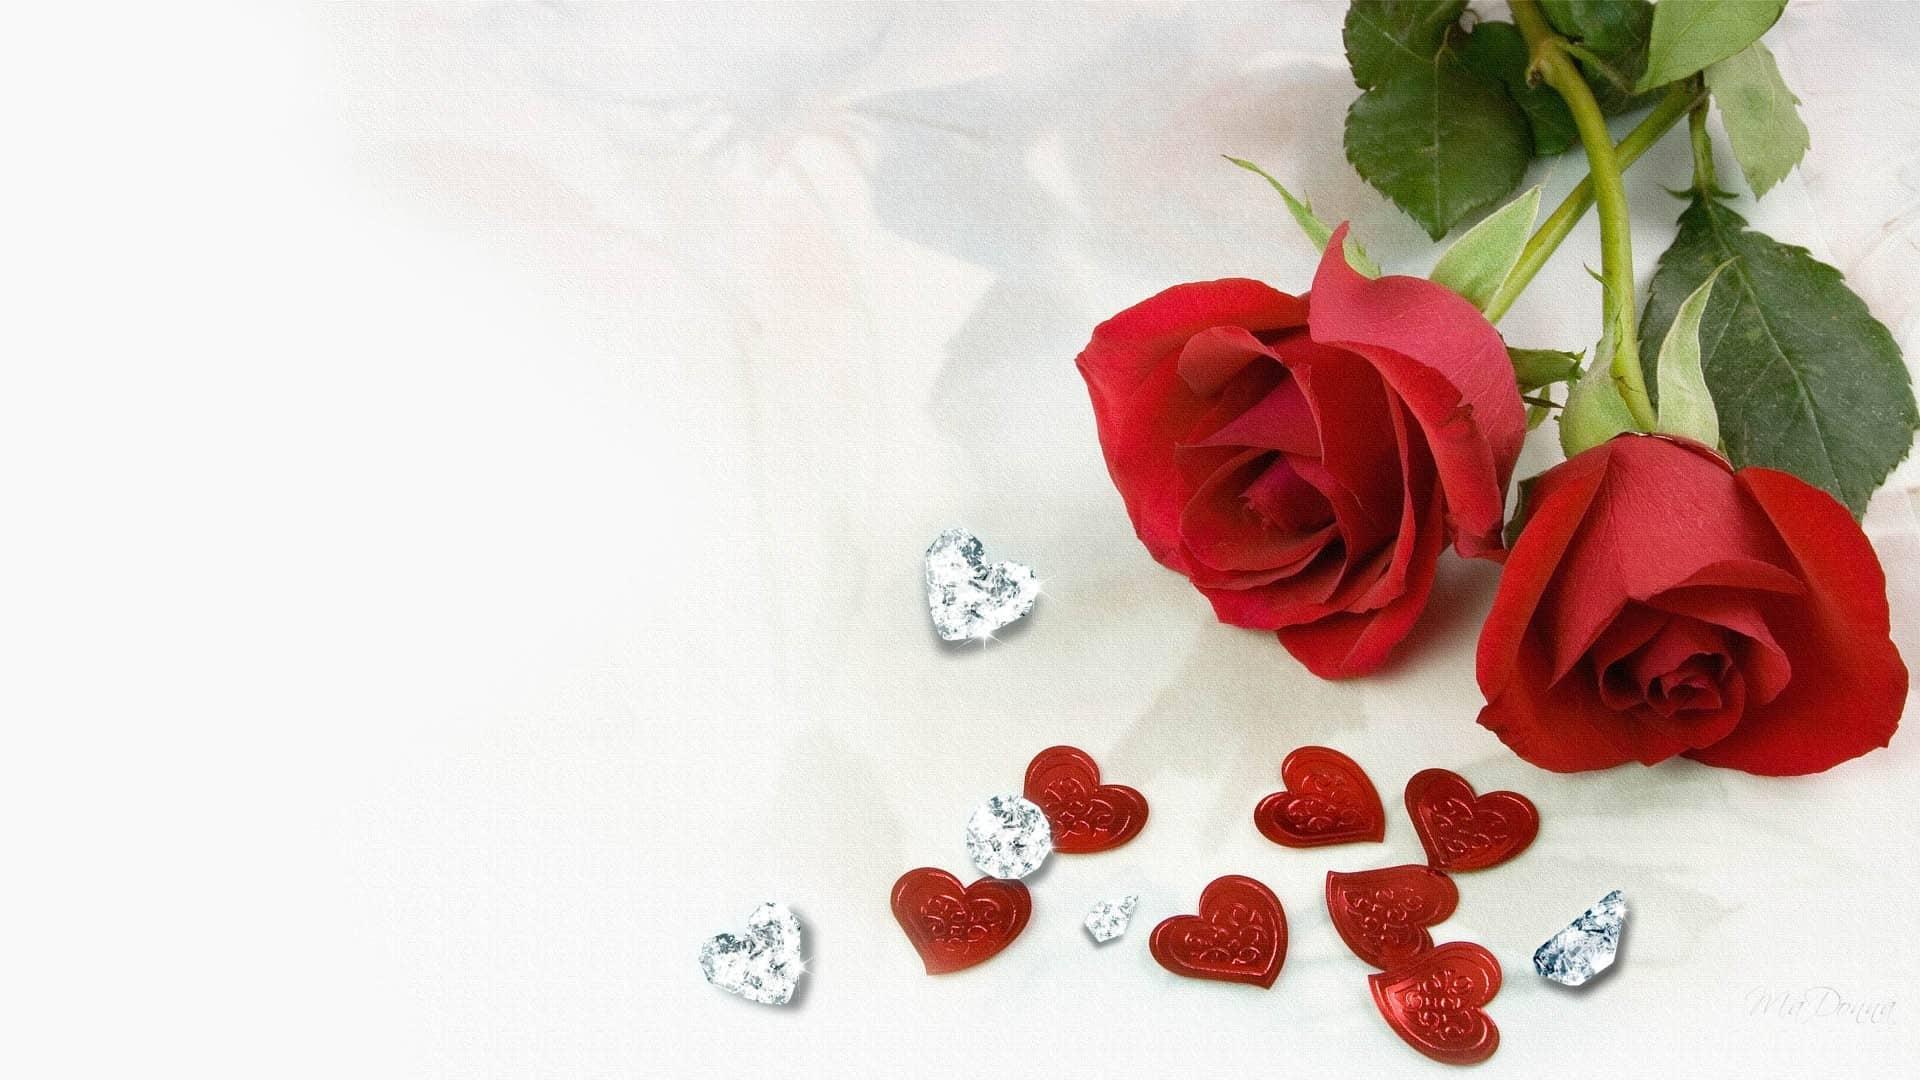 اس ام اس های عاشقانه و زیبا (73)